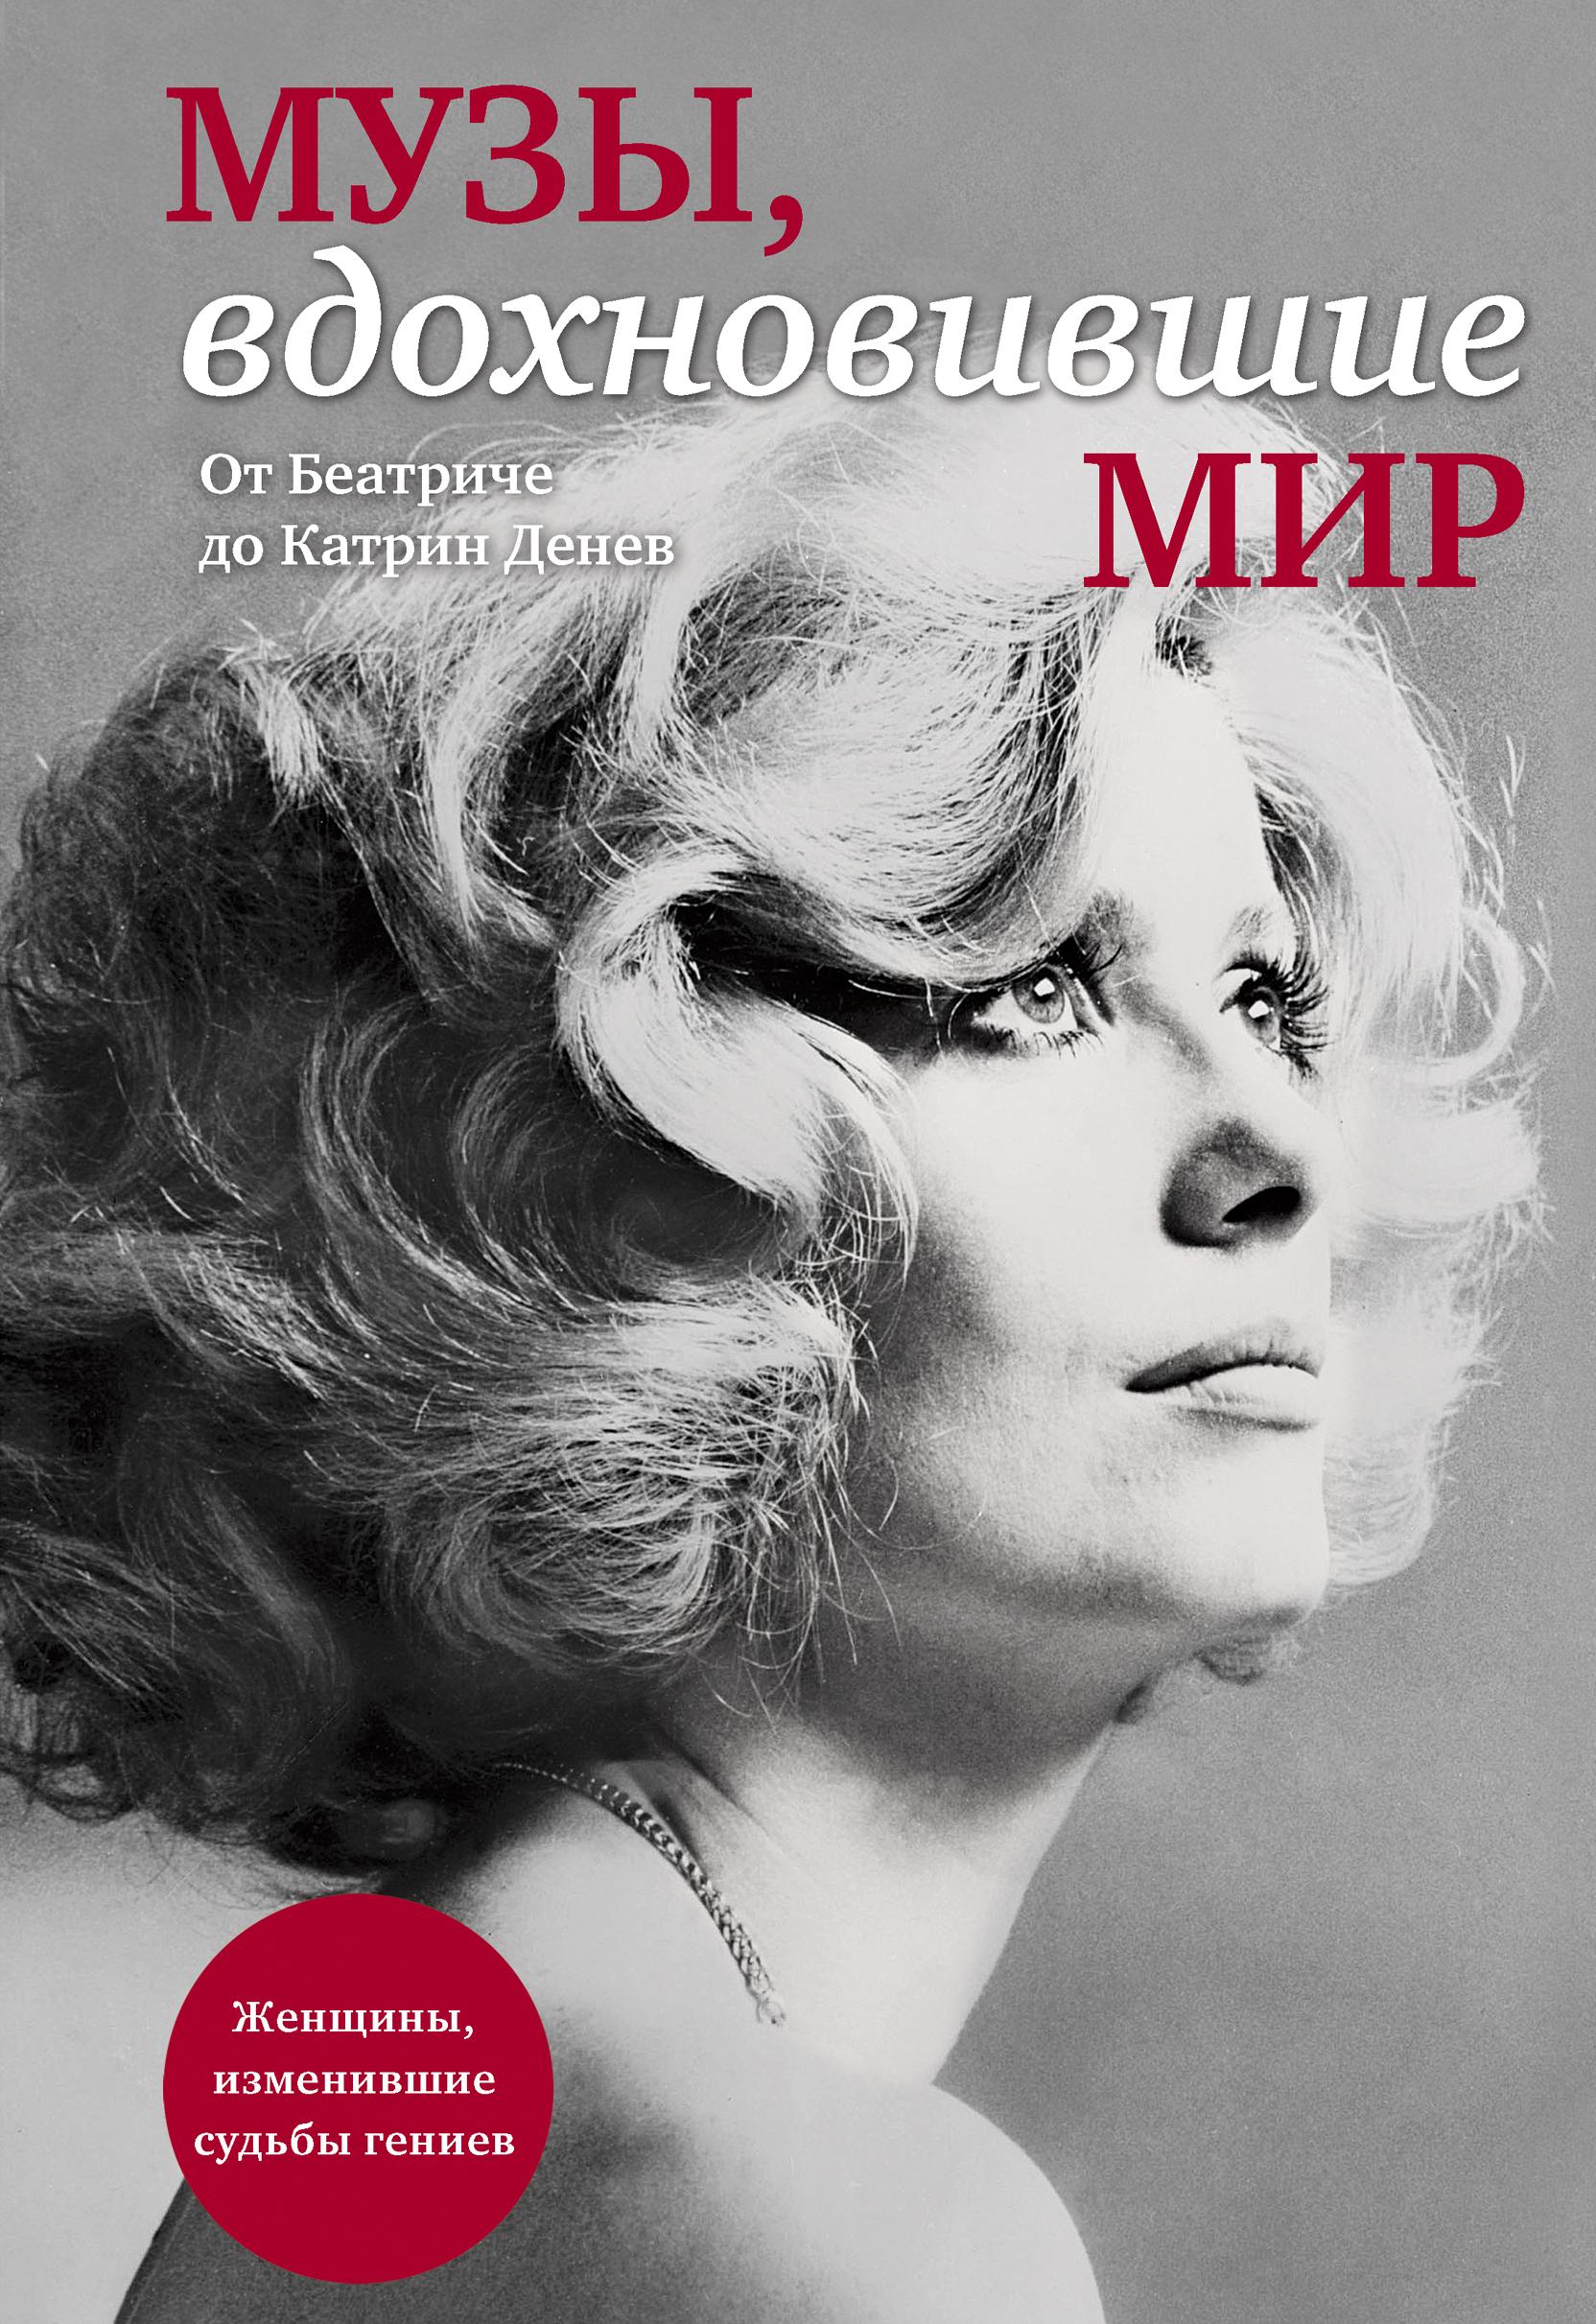 Музы, вдохновившие мир (прозрачный супер) от book24.ru